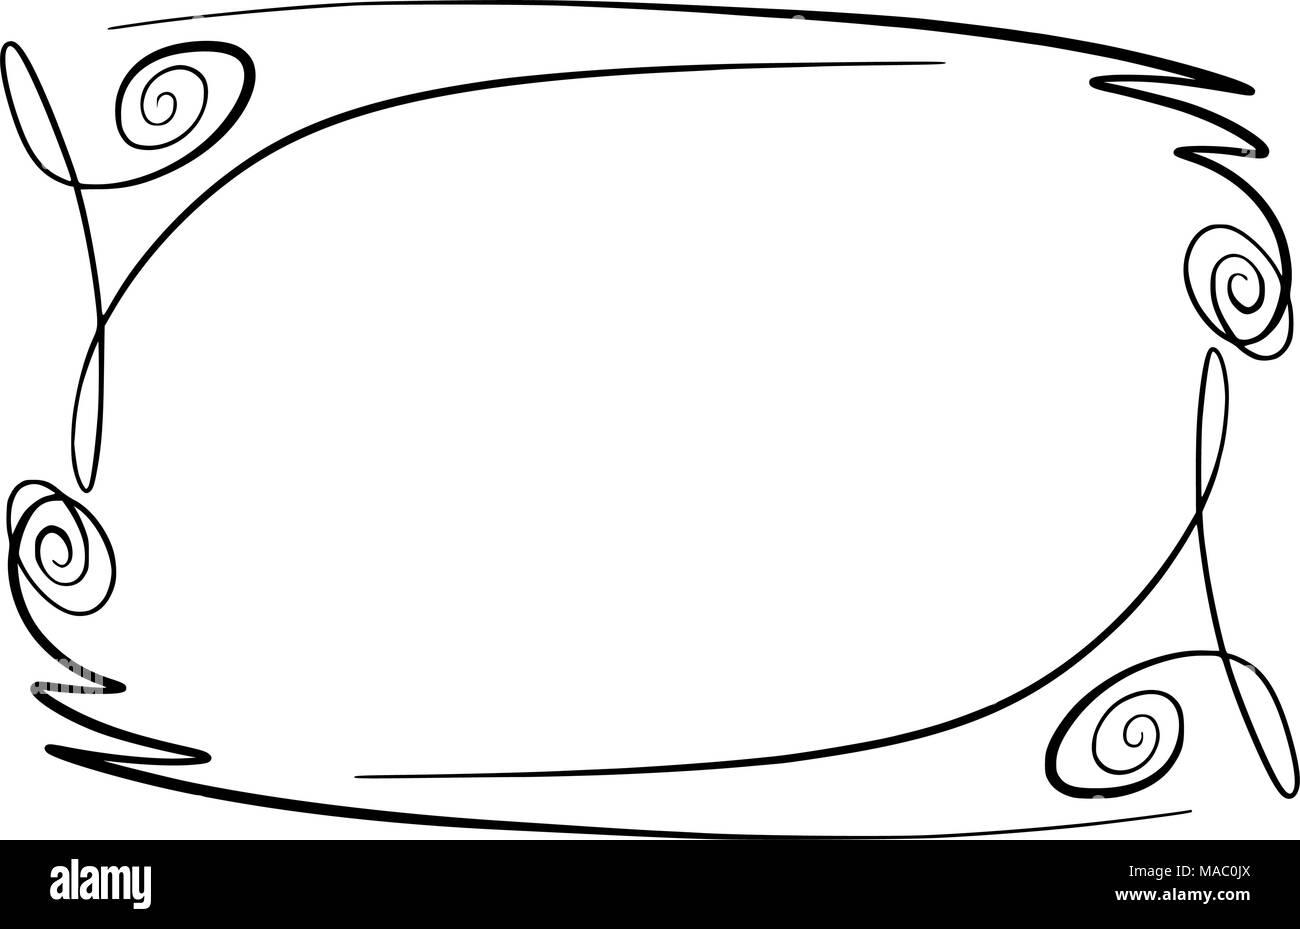 Fioriscono telaio del vettore. Rettangolo con squiggles, ghirigori e abbellimenti per immagine e di elementi di testo. Disegnato a mano evidenziando nero confine curlicue isolato su uno sfondo bianco. Doodle effetto. Segni di matita. In stile cartone animato. Le forme geometriche per la progettazione. Schizzo guardare Immagini Stock